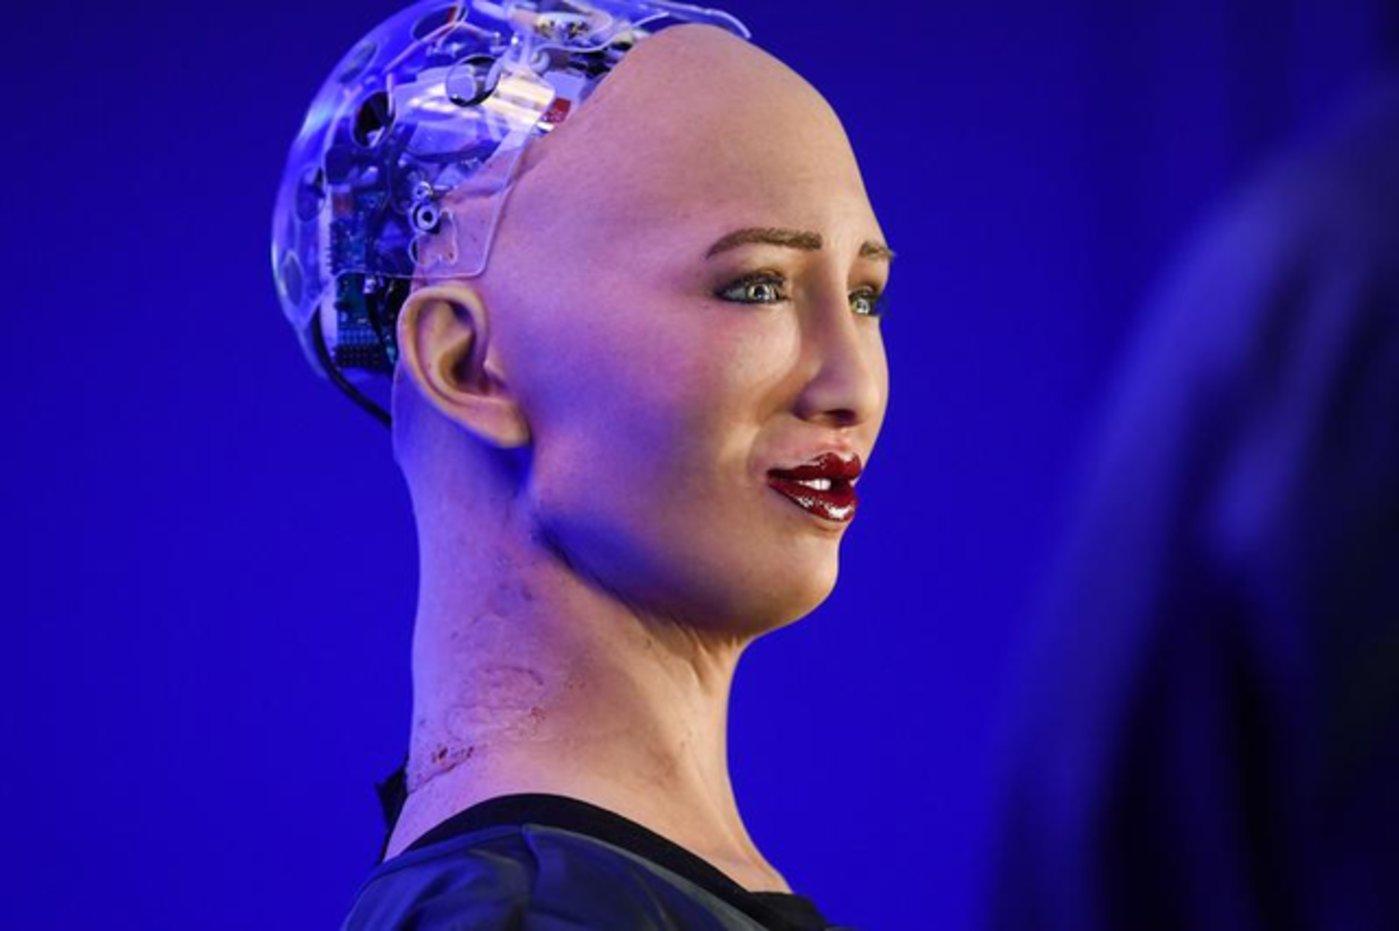 香港Hanson Robotics的机器人索菲亚